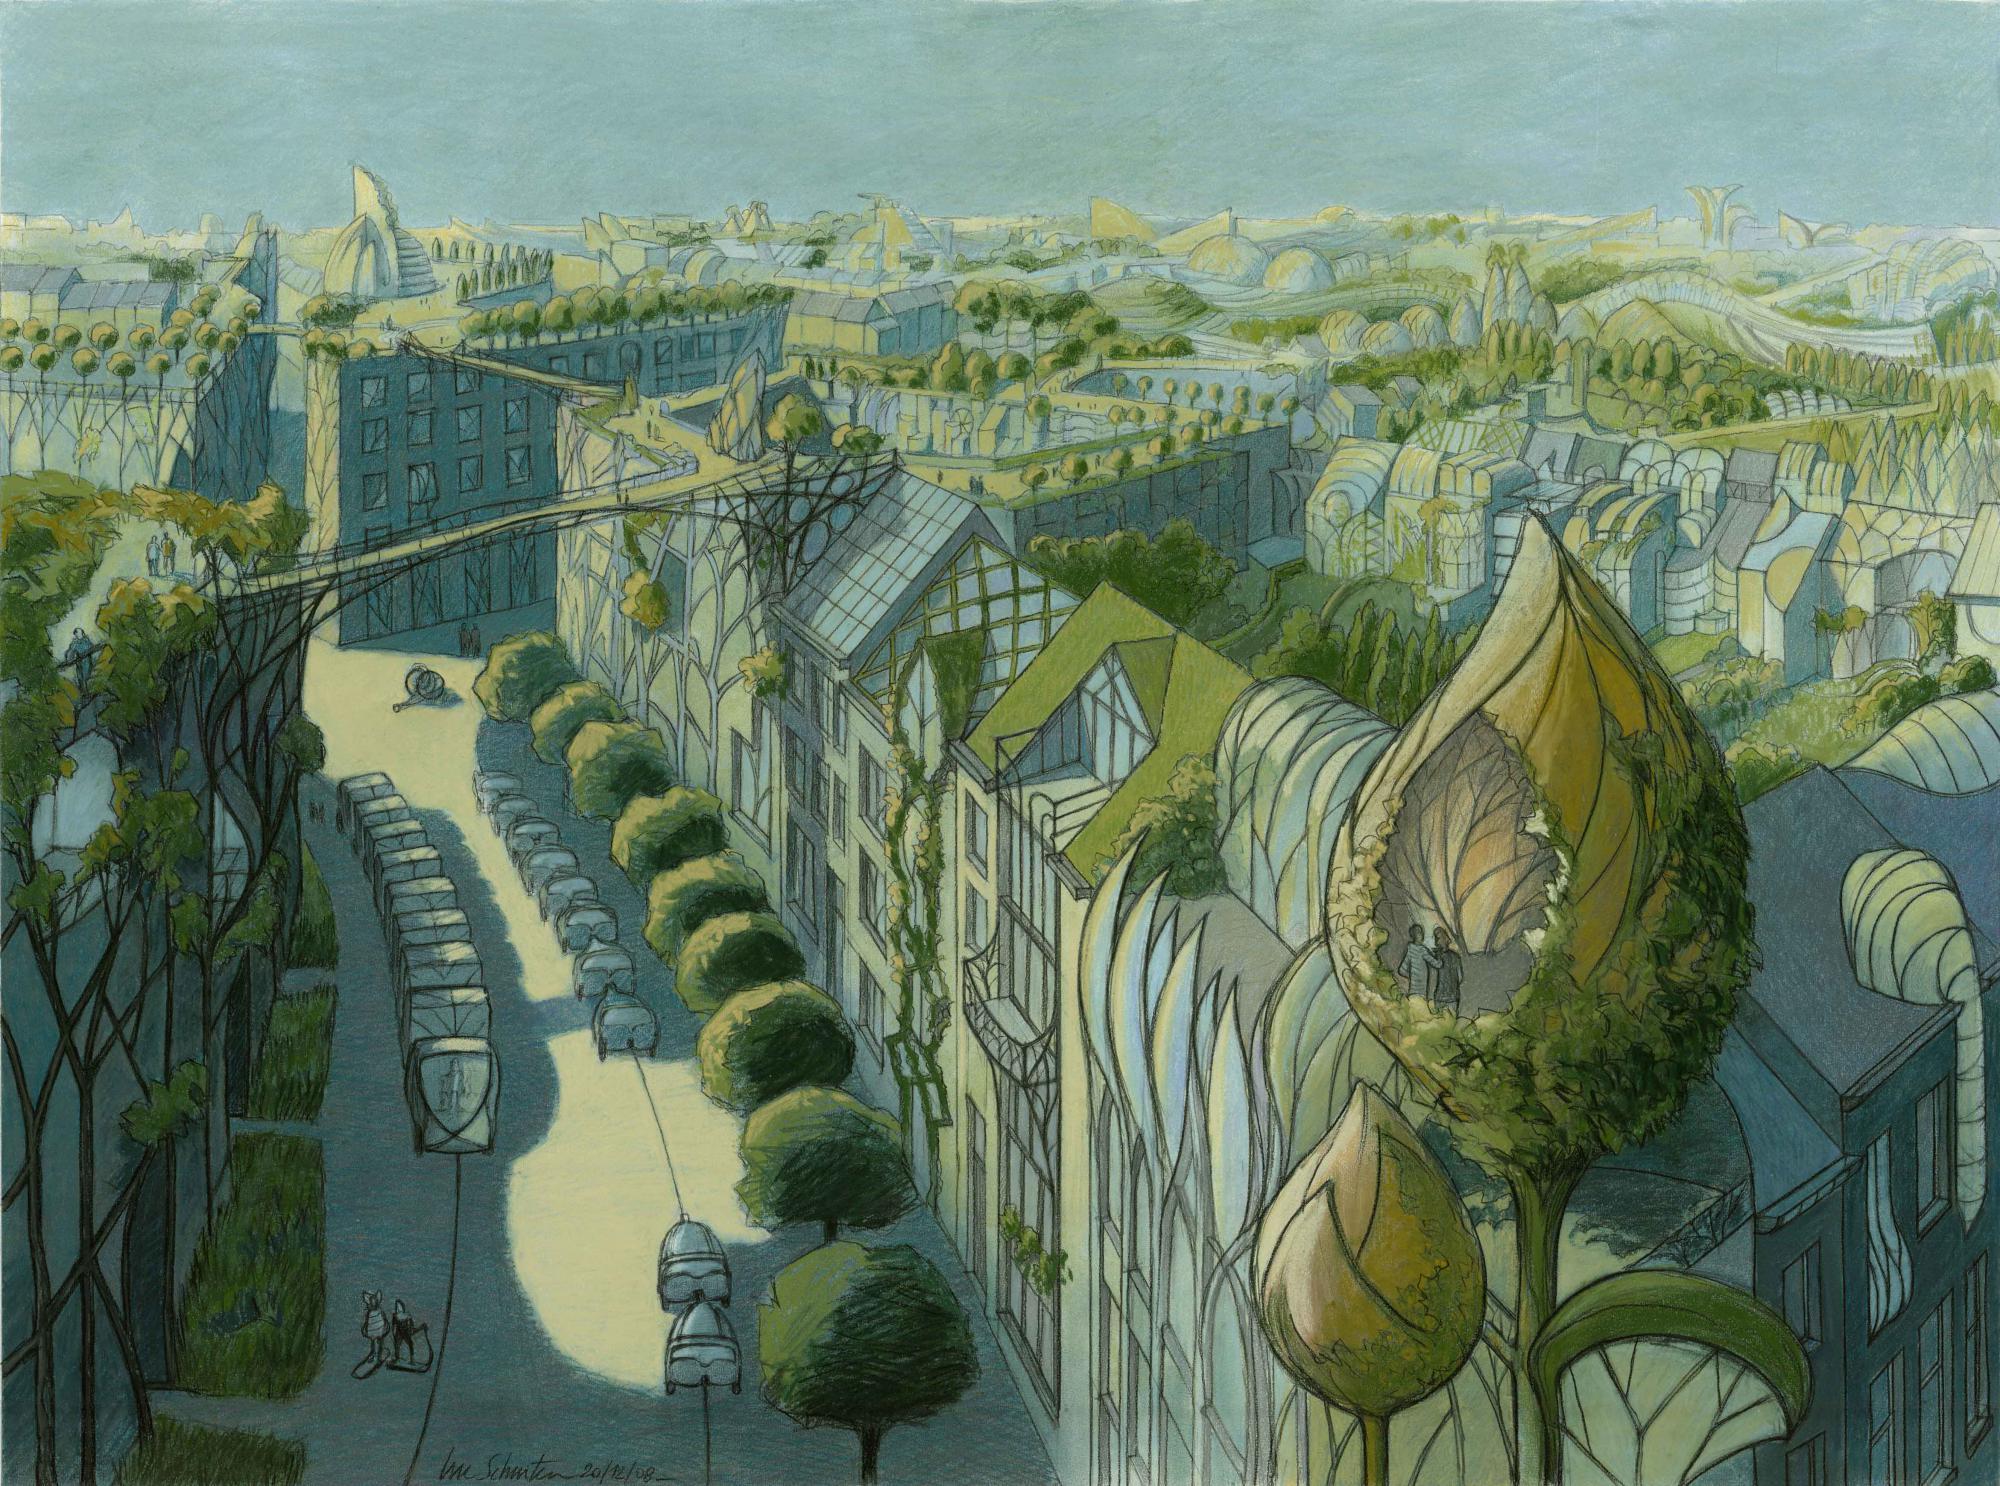 Luc Schuiten 'Vegetal city'